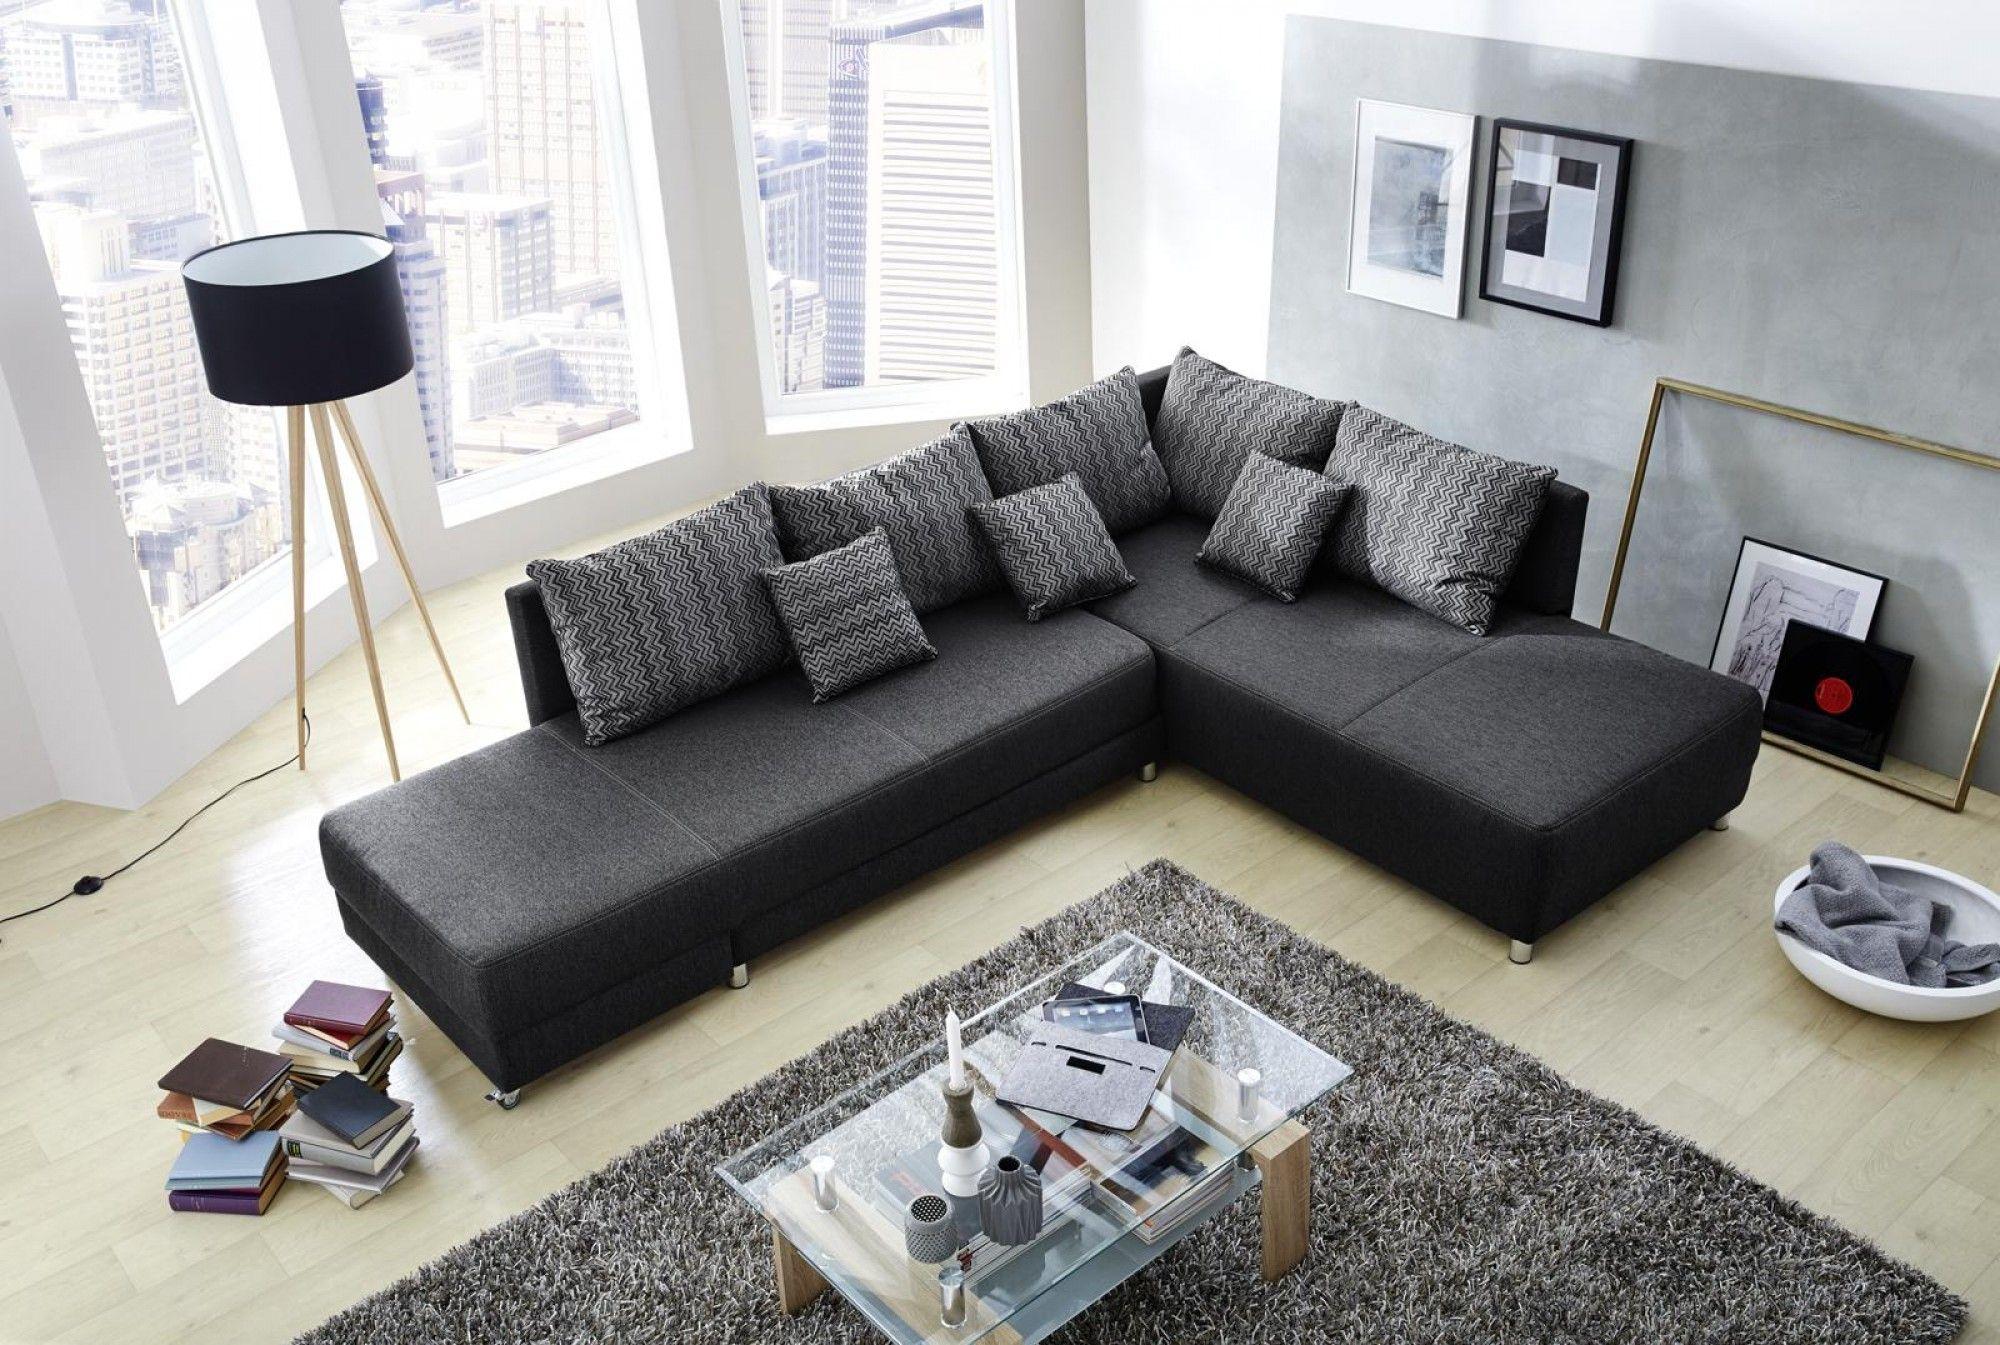 Funktionsecke Inzell Schwarz Online Bei Poco Kaufen Ecksofas Sofa Billig Gunstige Sofas